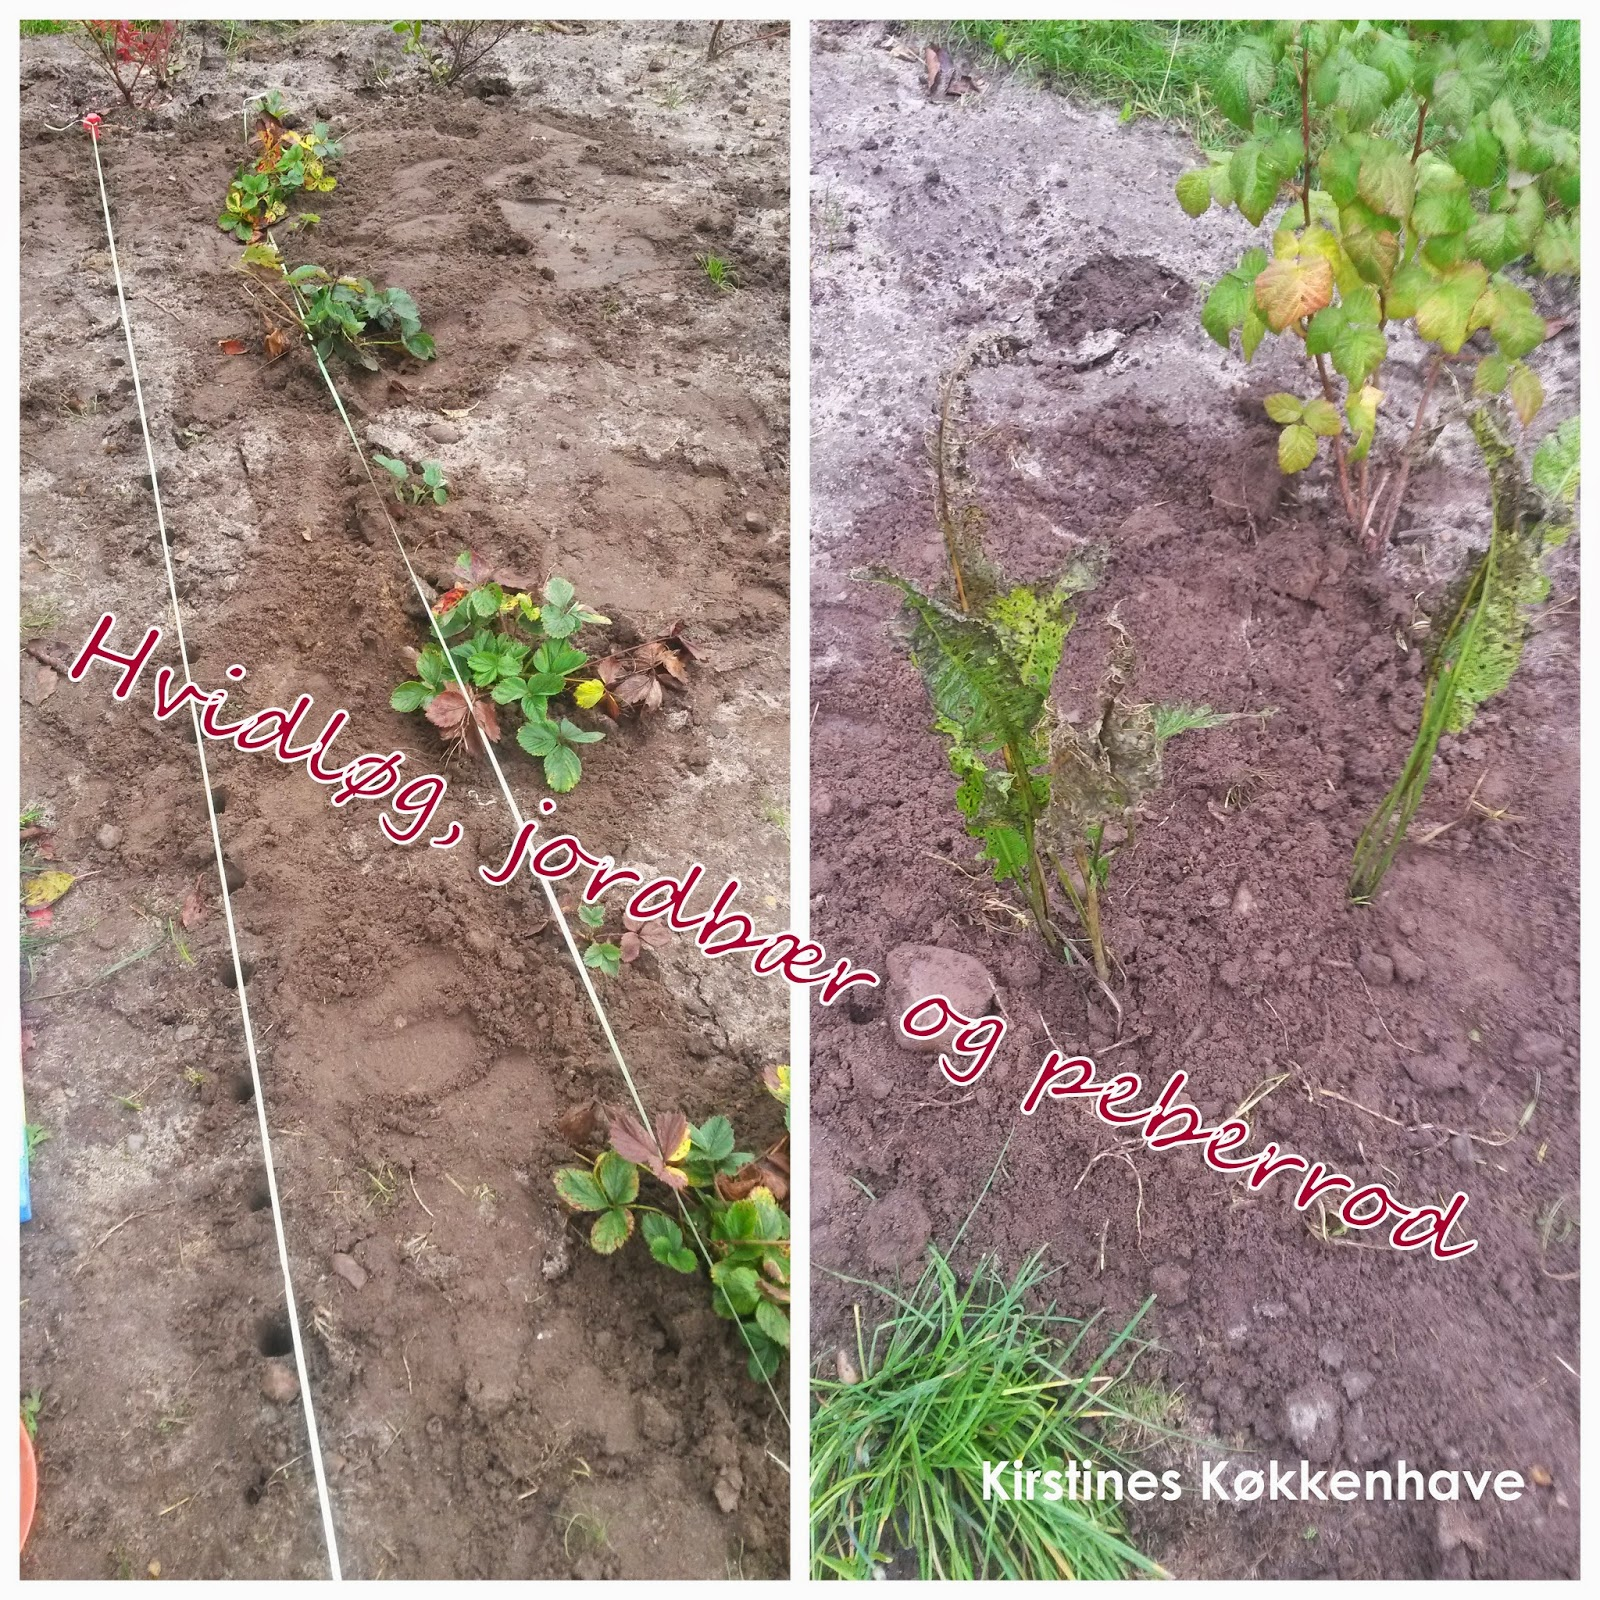 hvidløg, jordbær og peberrod